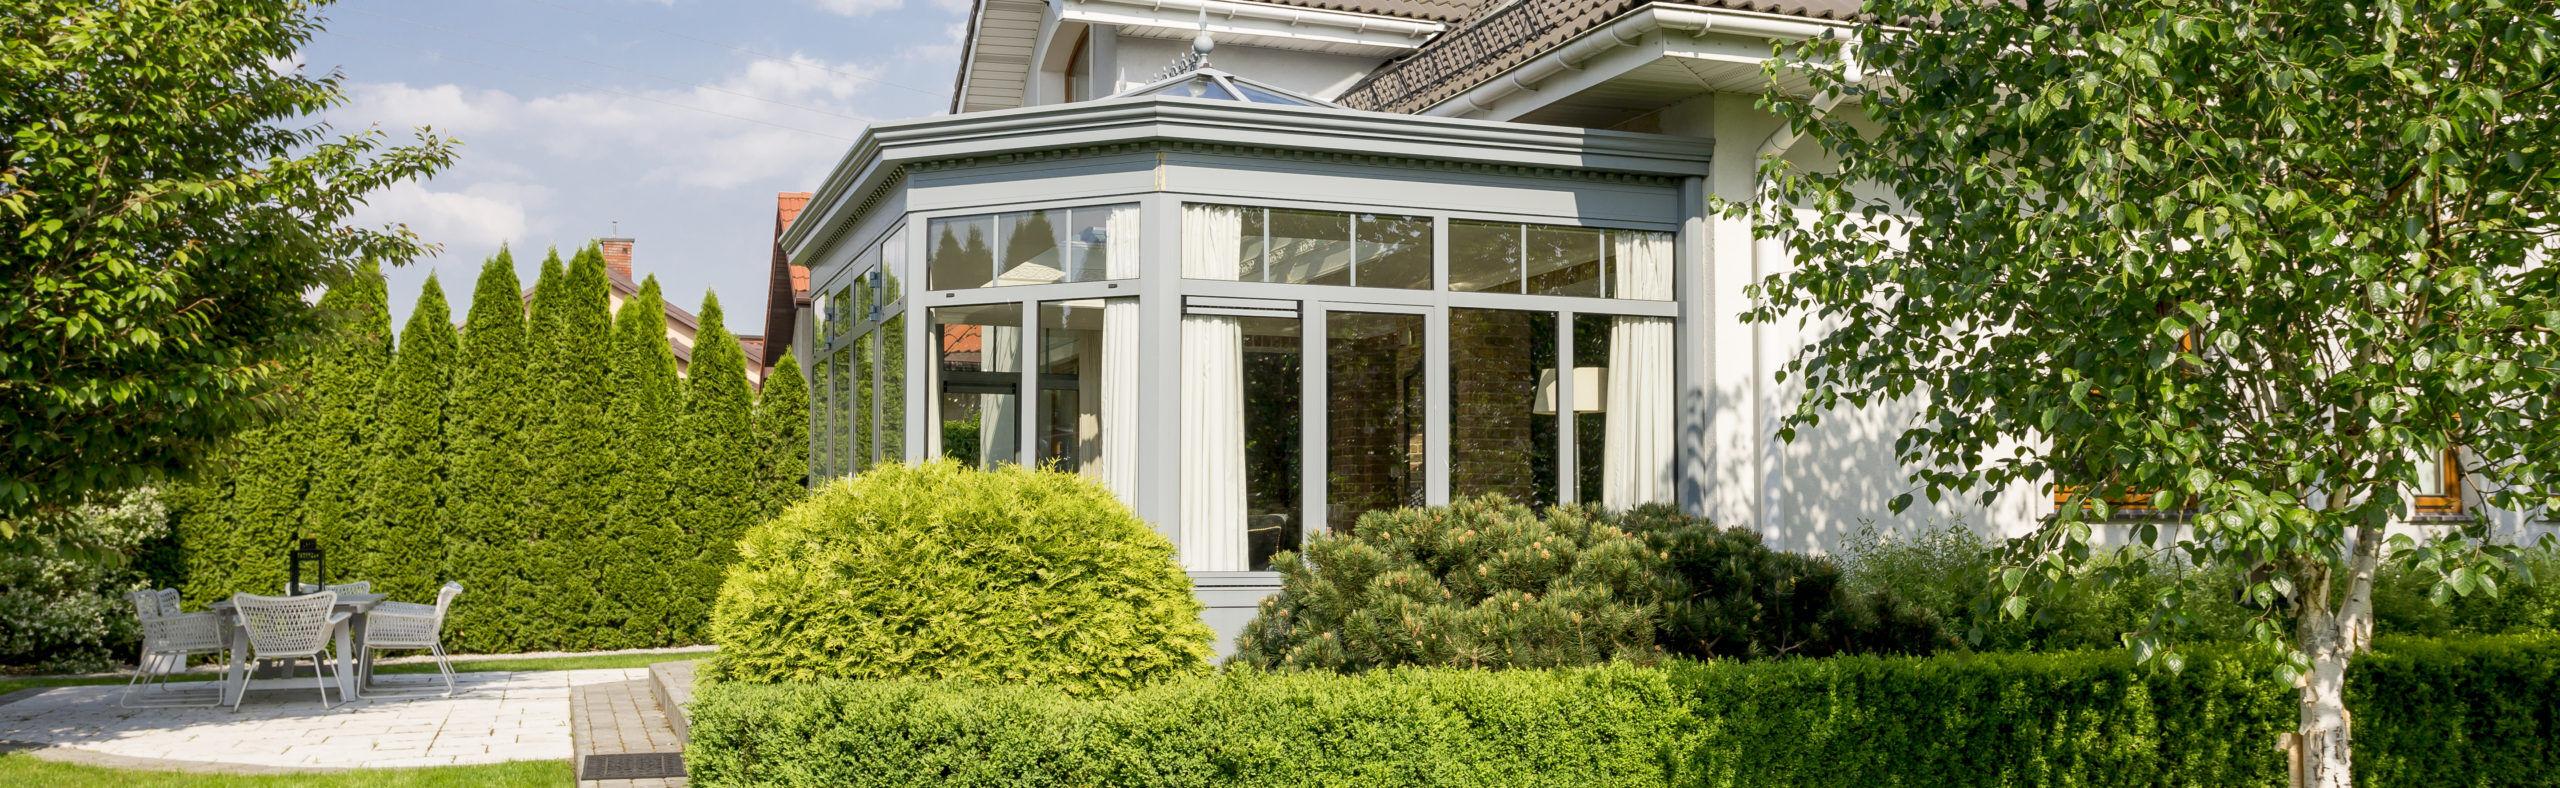 Cette véranda conçue par un Architecte s'intègre parfaitement à l'esthétisme de la maison